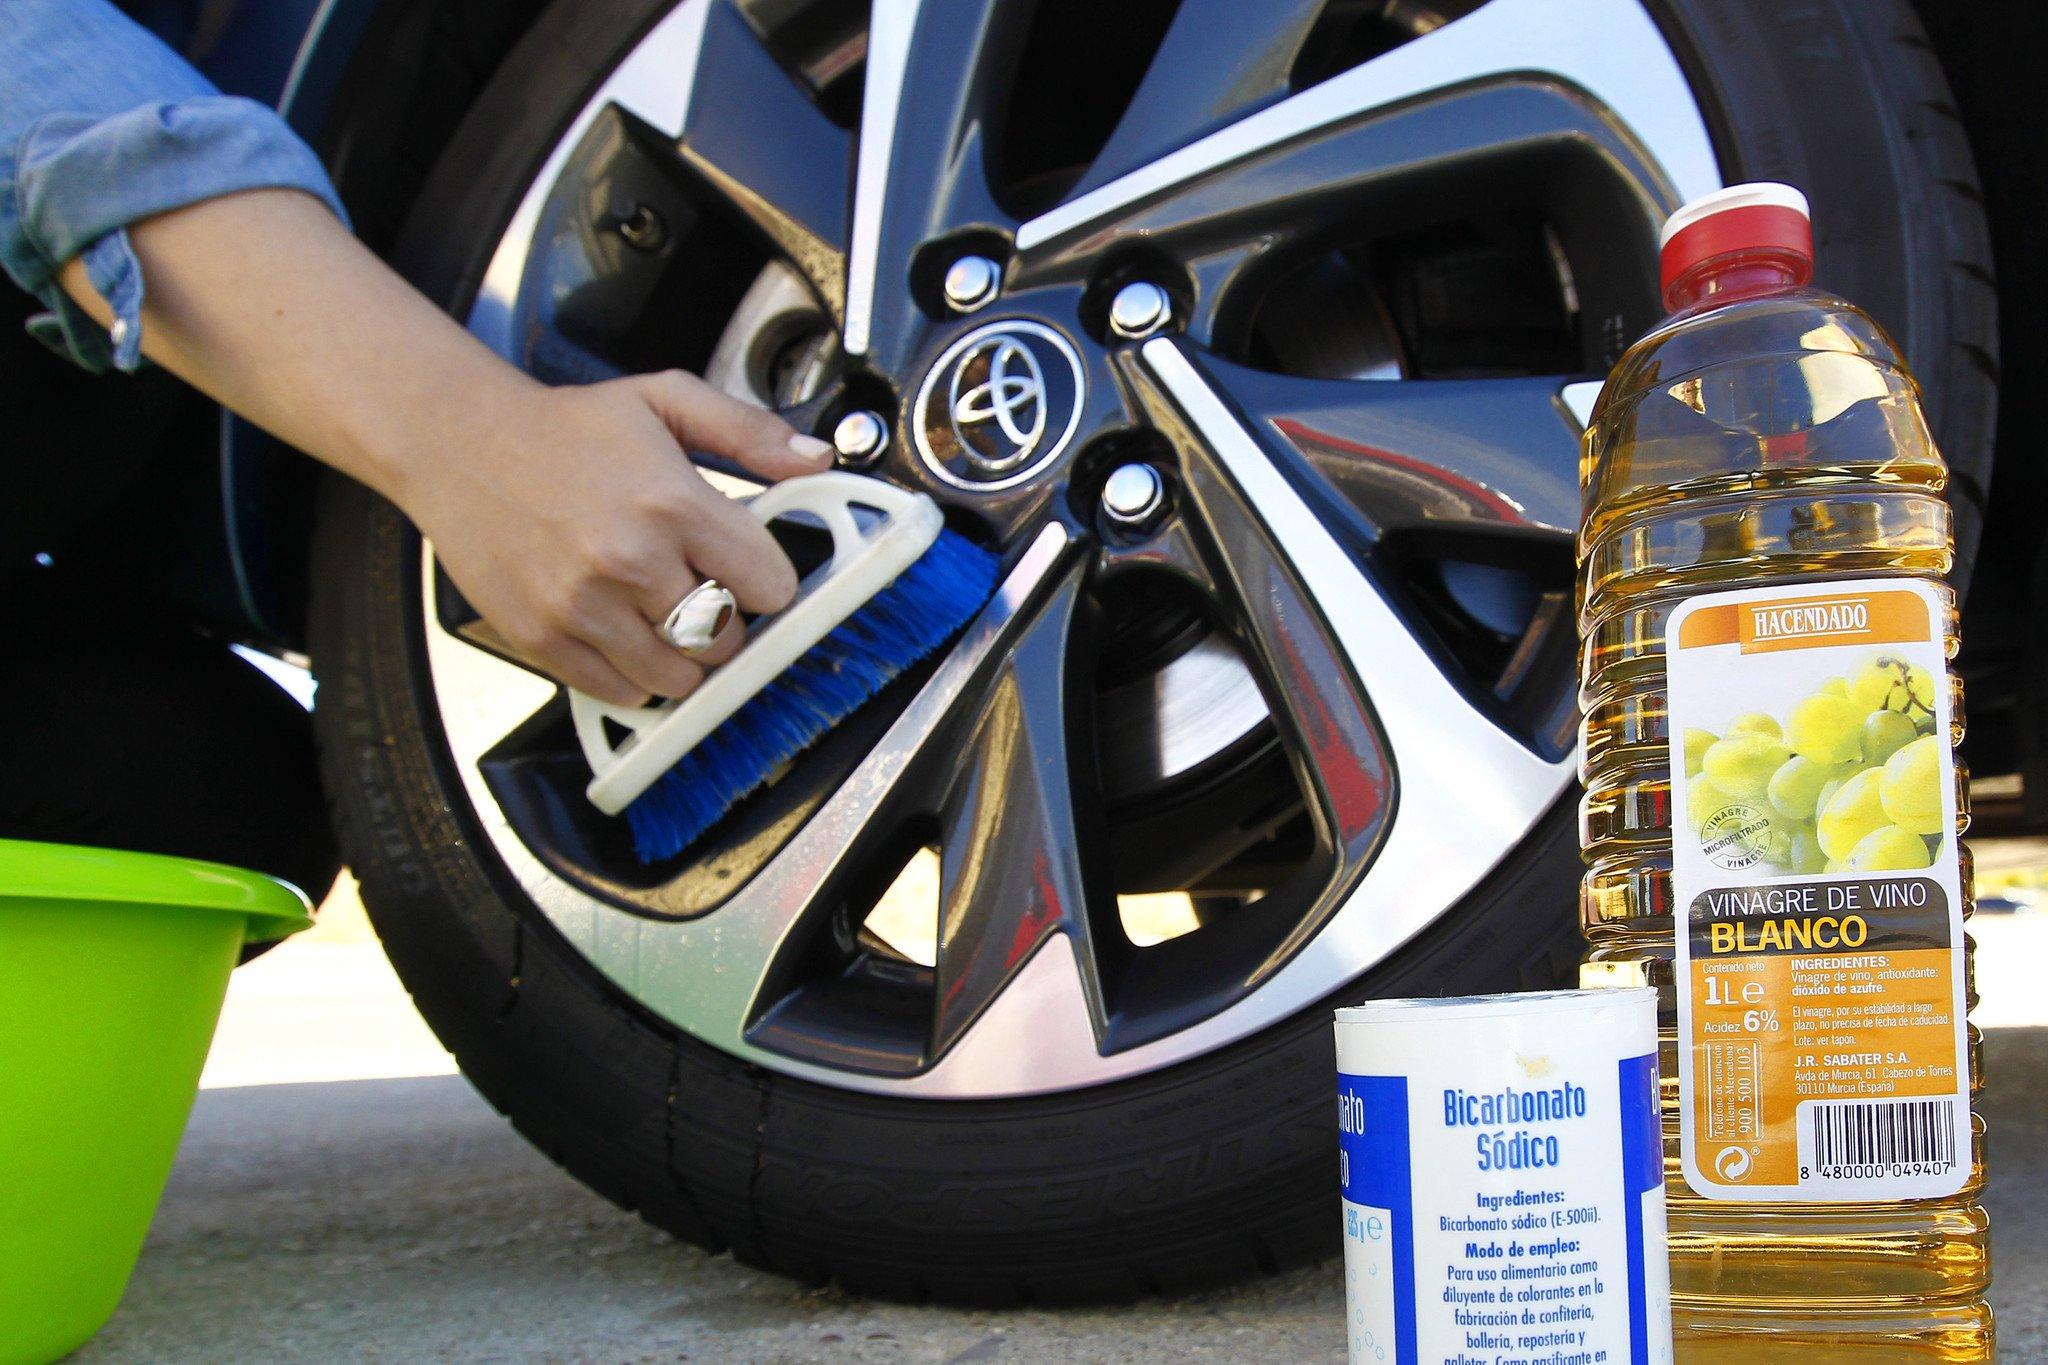 Limpieza de coche - 3 part 5